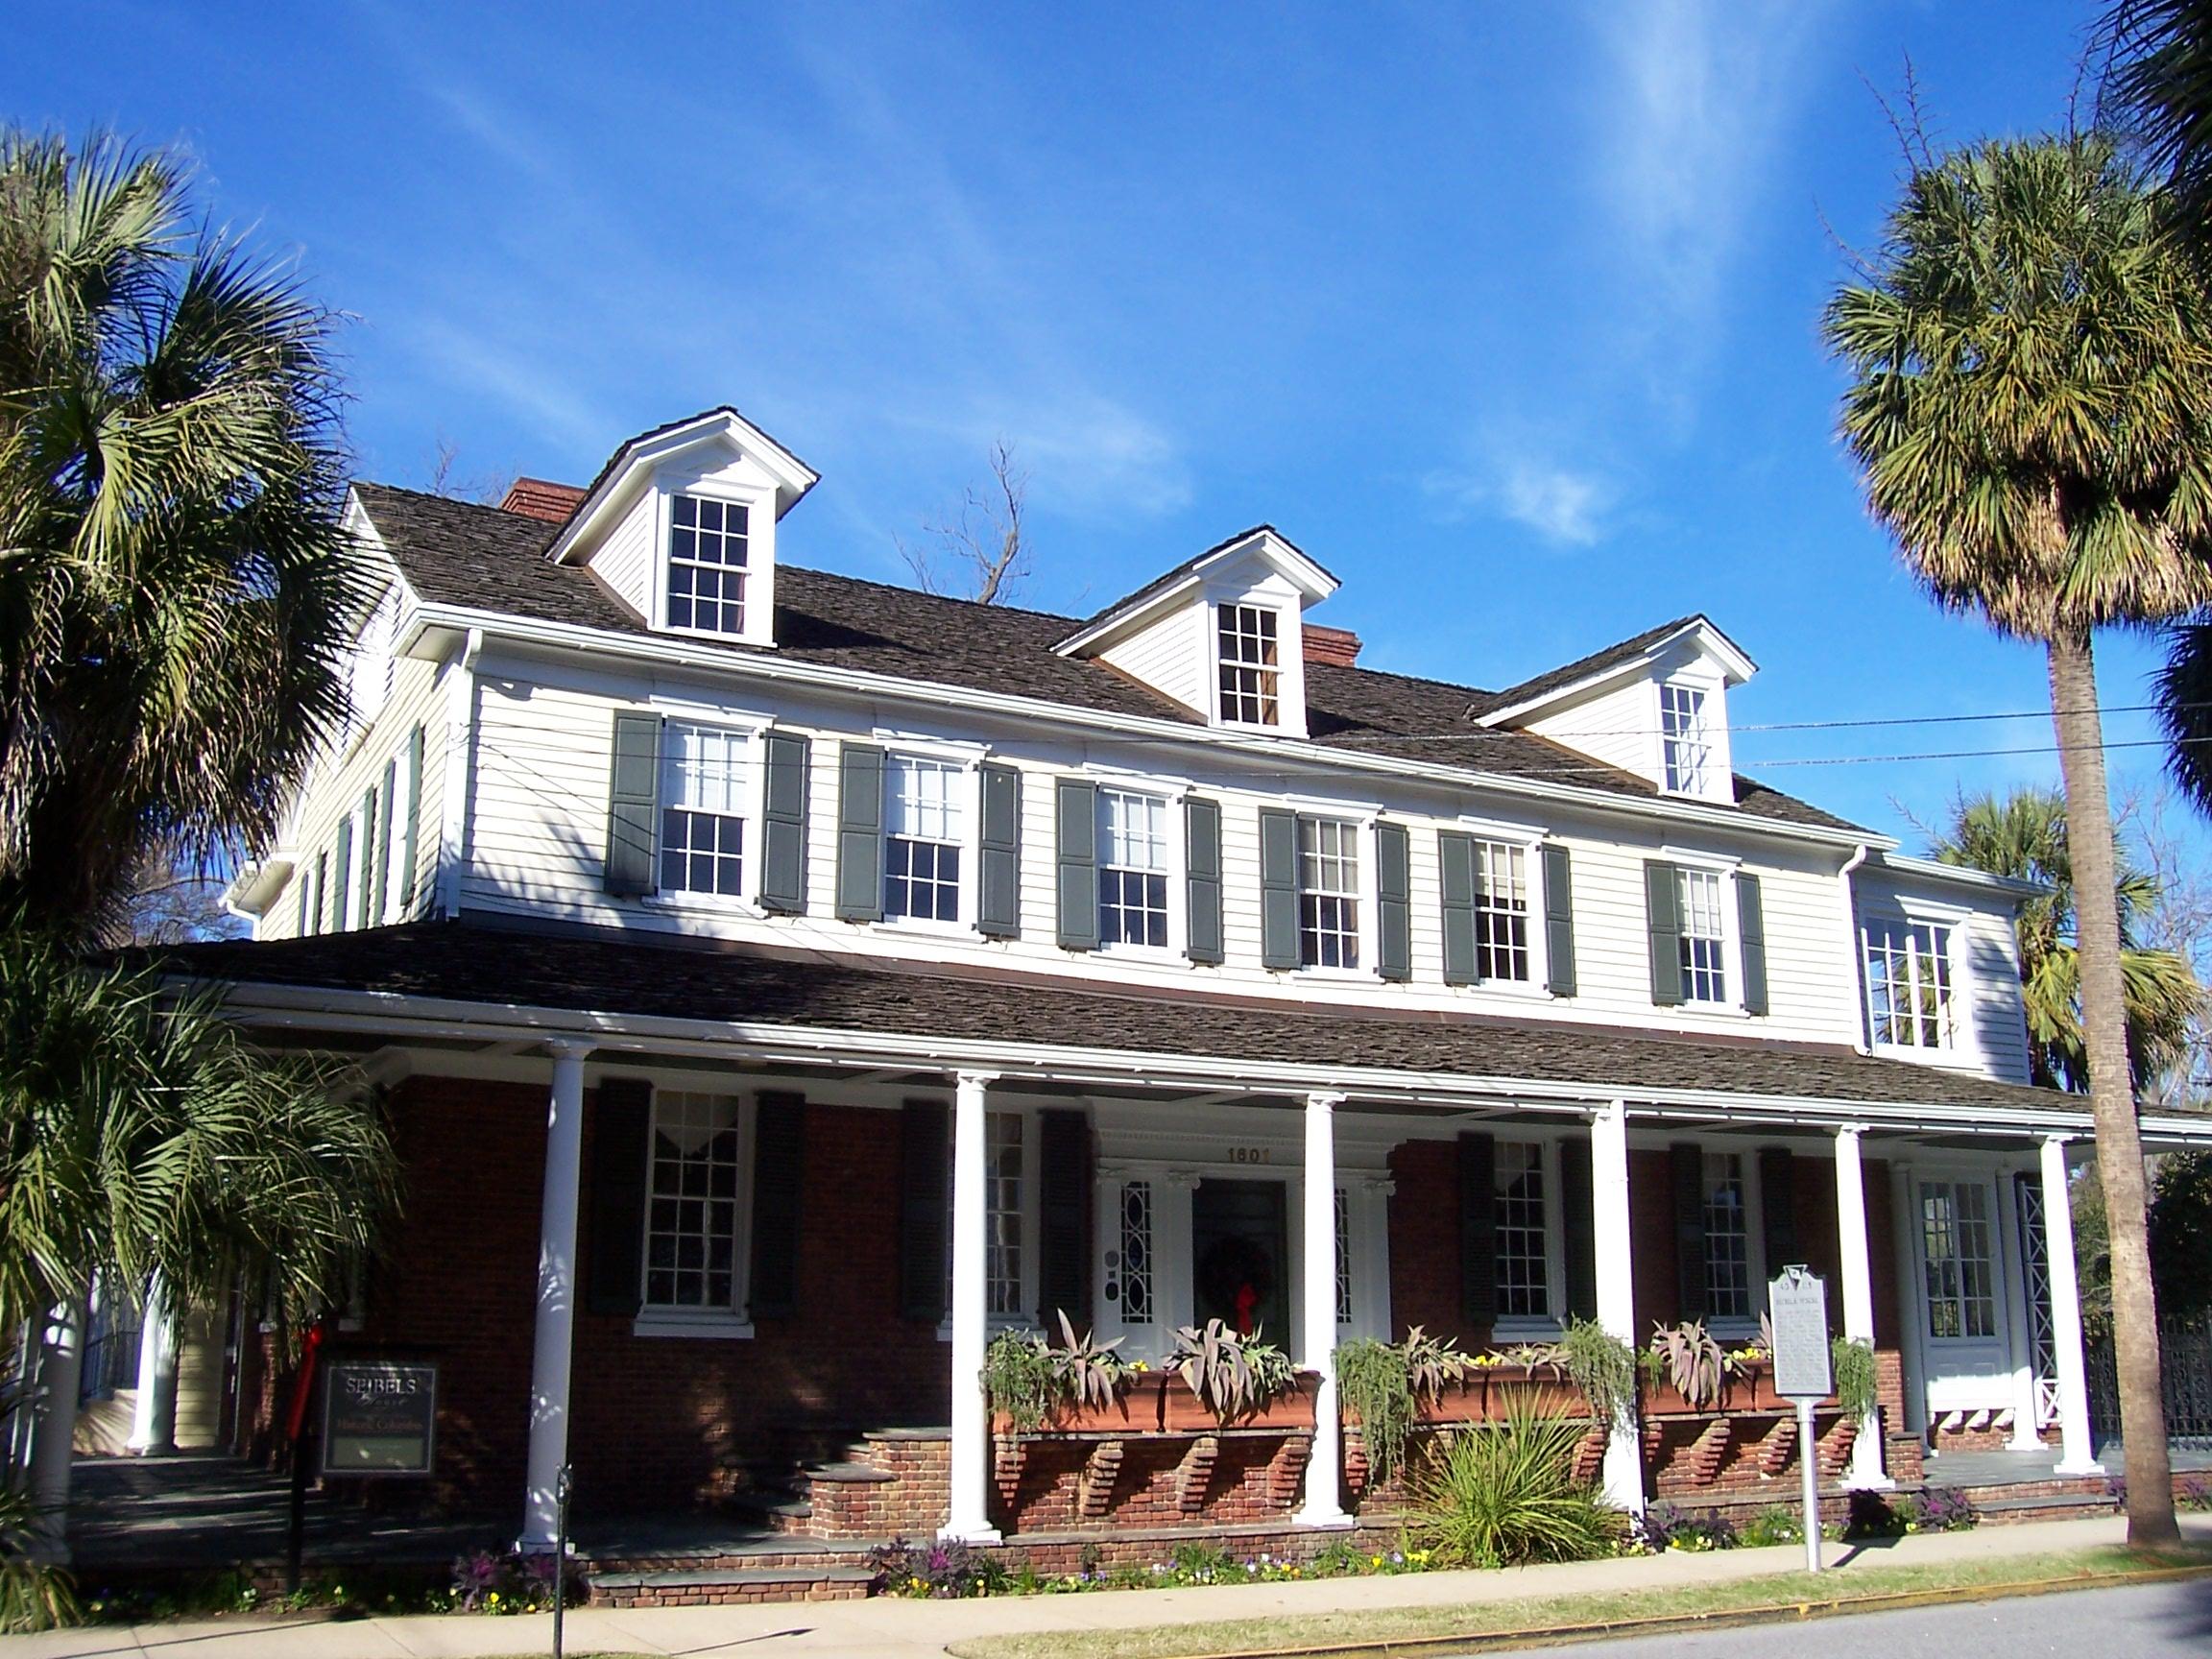 Hale elmore seibels house wikiwand for Carolina house